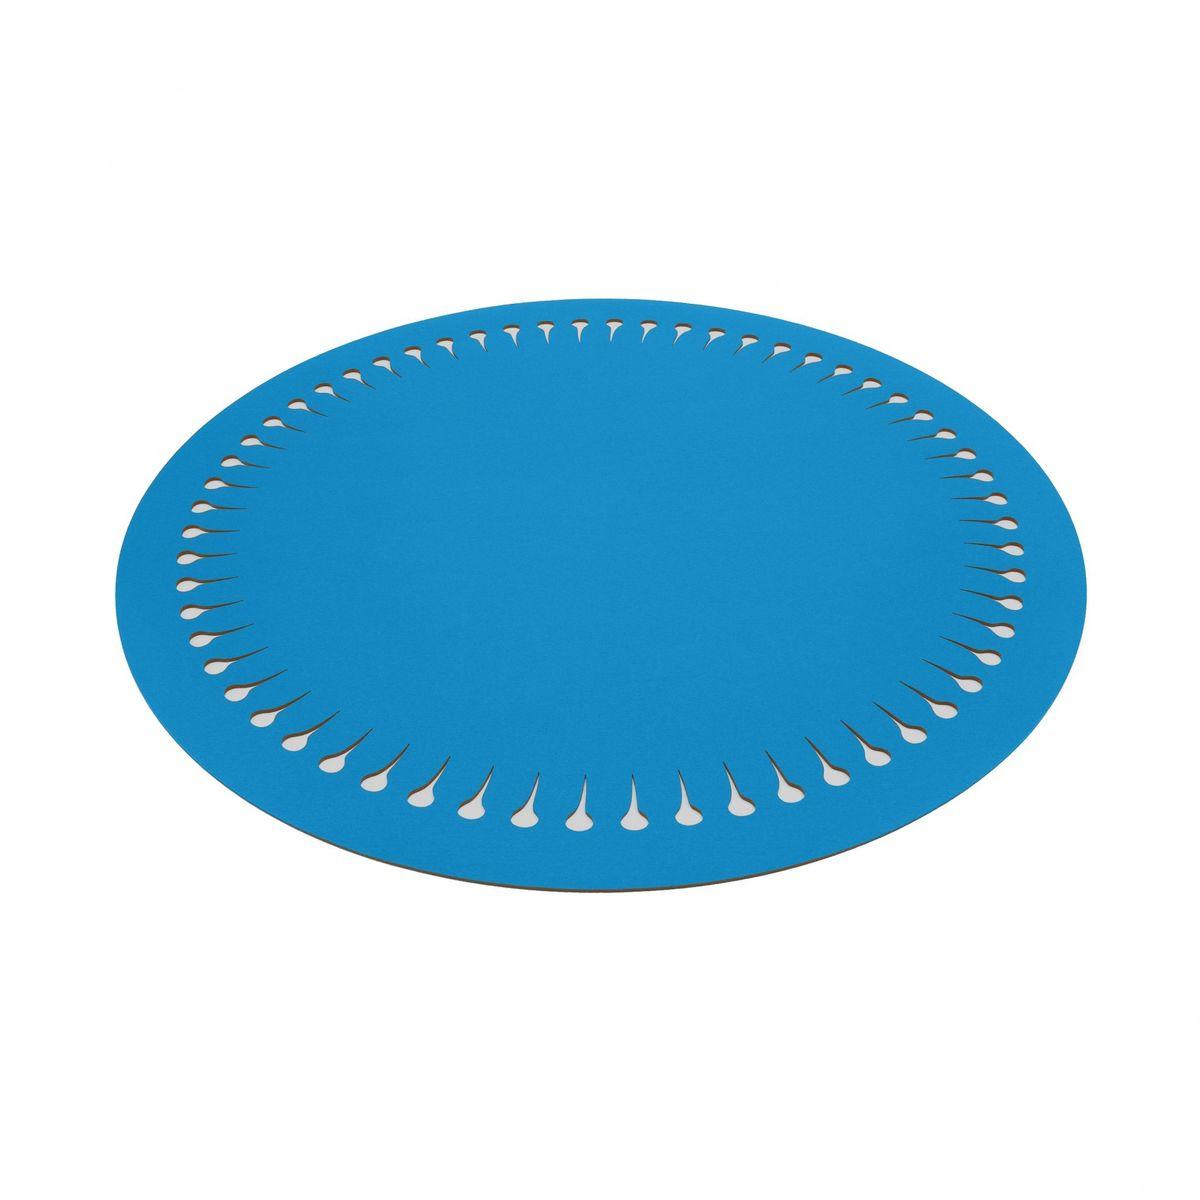 Teppich rund grau filz  Pappus Teppich ø150cm | Hey-Sign | AmbienteDirect.com